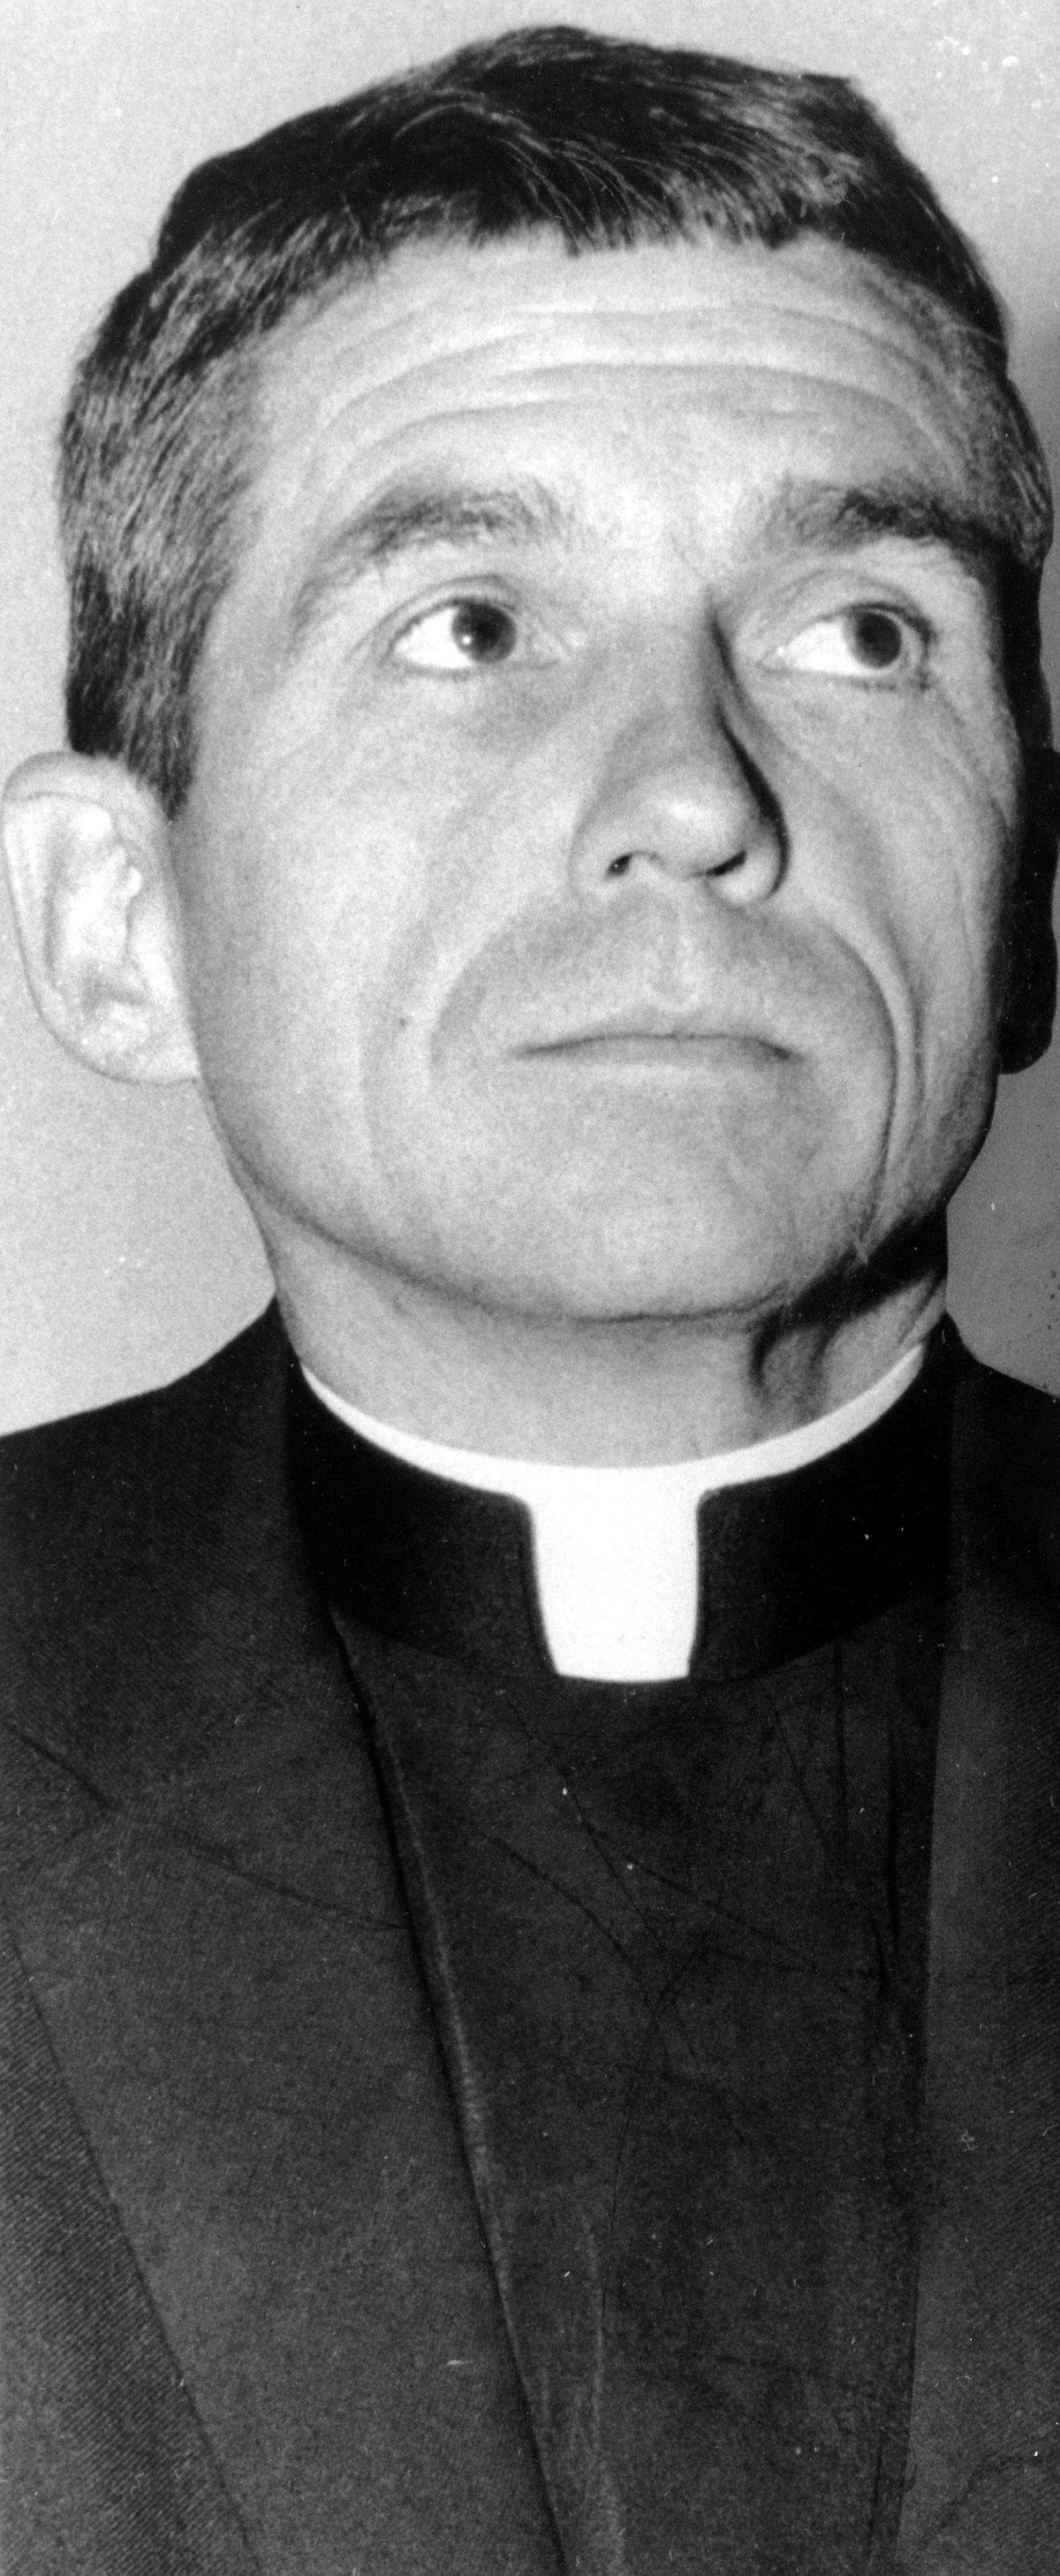 The Rev. Daniel Berrigan in December 1968. AP file photo